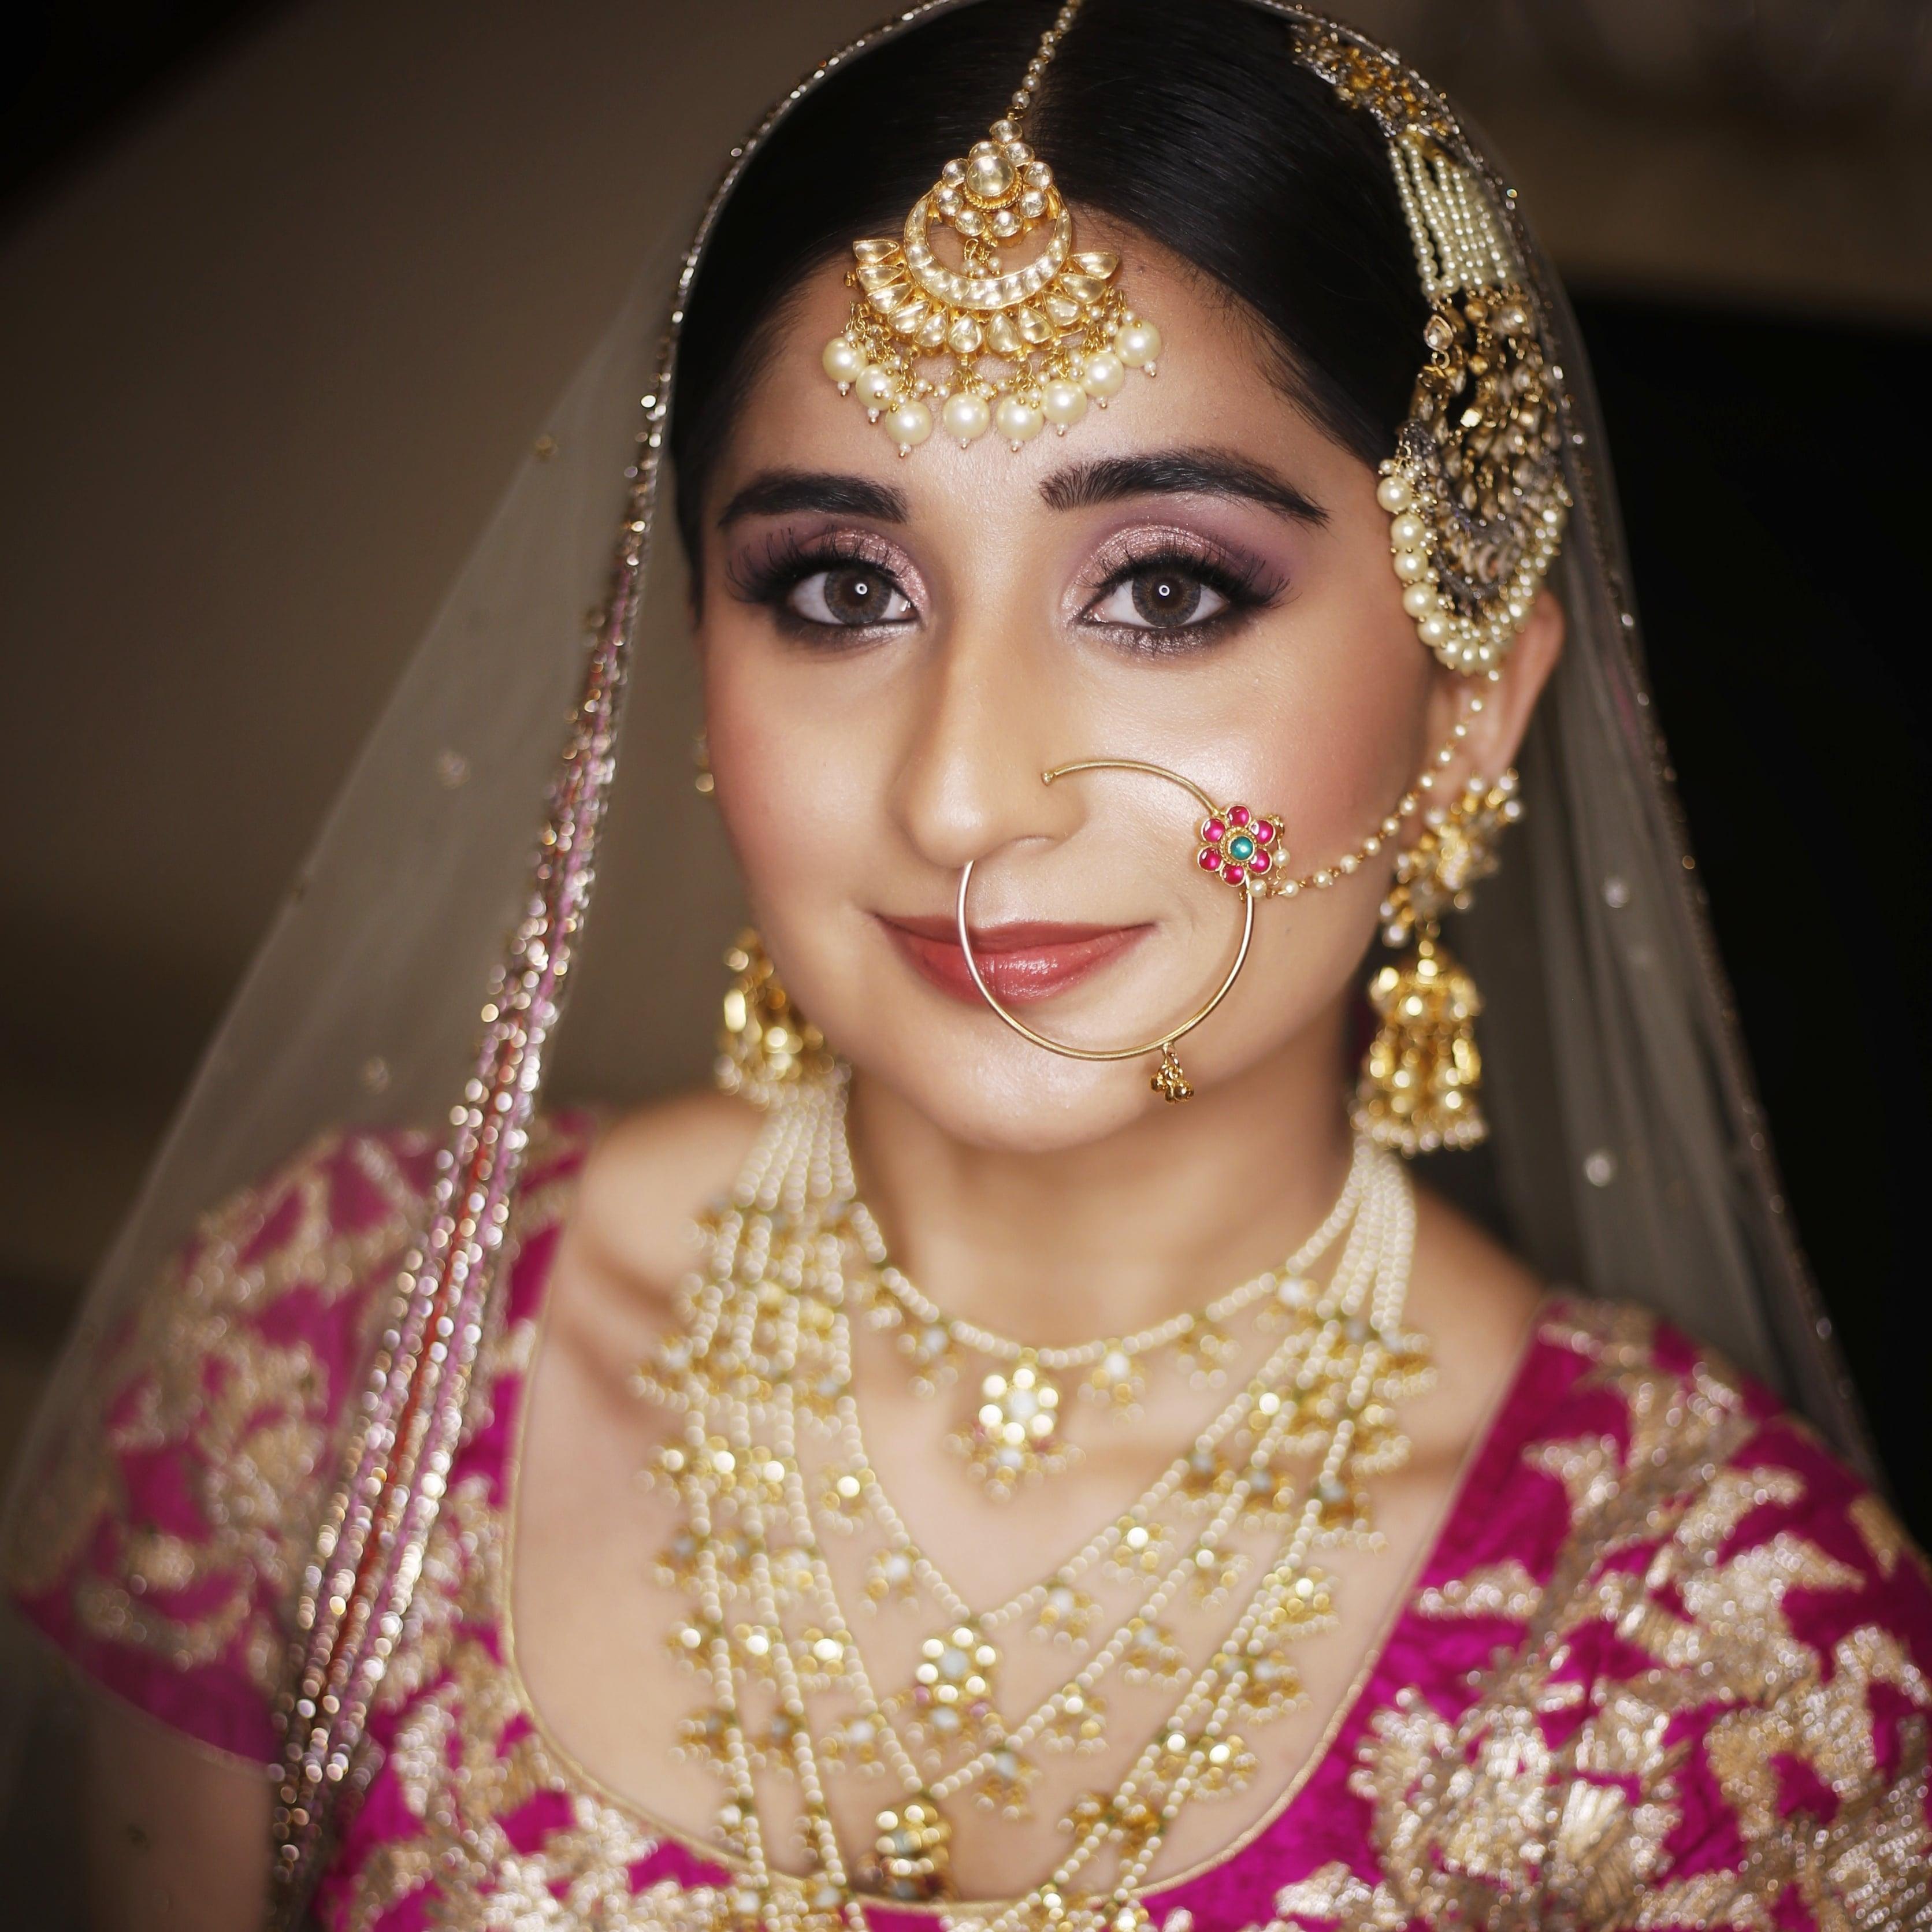 anjali-khandelwal-makeup-artist-delhi-ncr